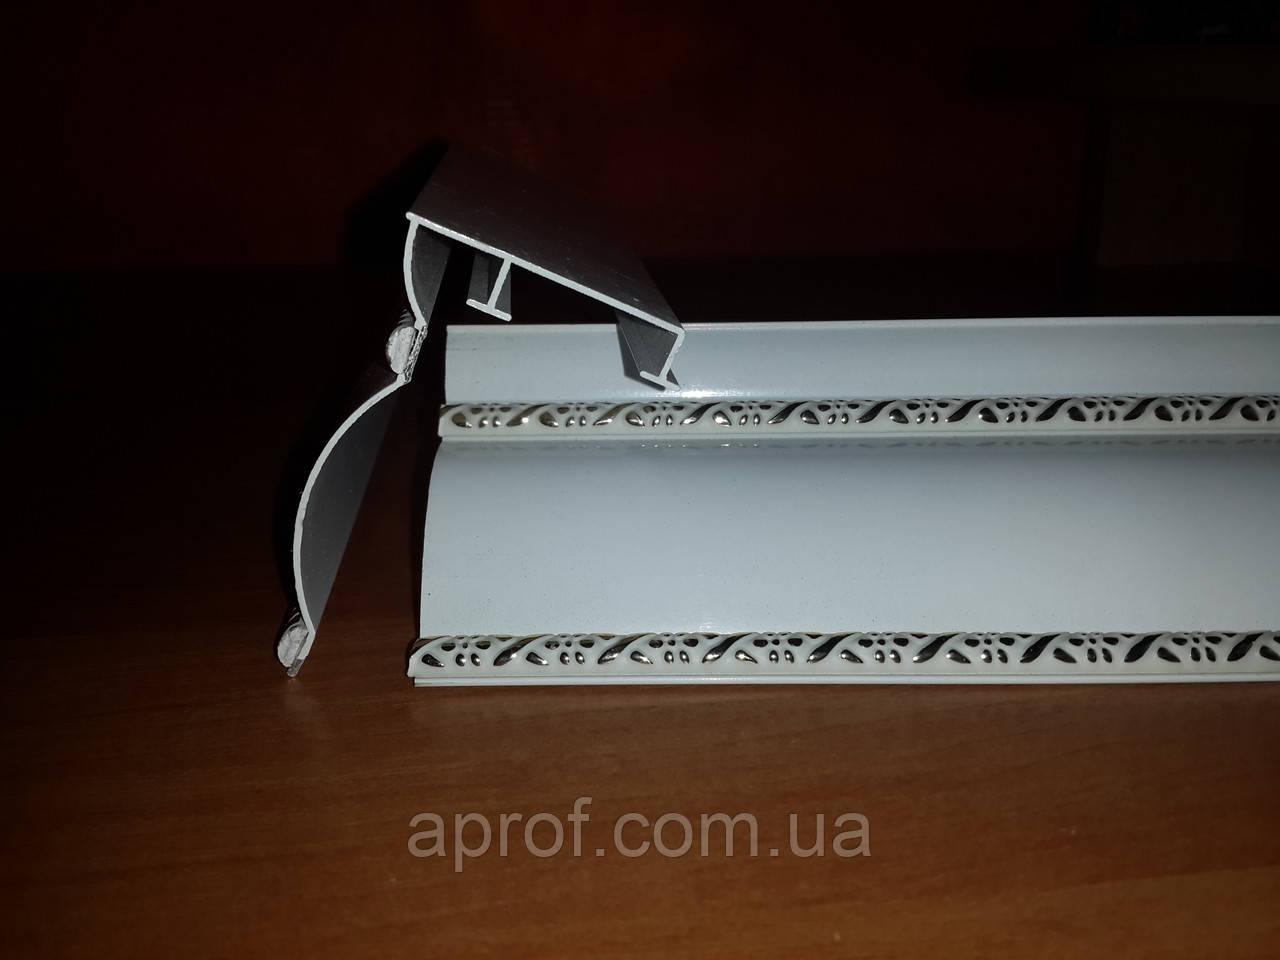 Карниз алюминиевый БПО-08 ТРЕХРЯДНЫЙ (2.5 м)